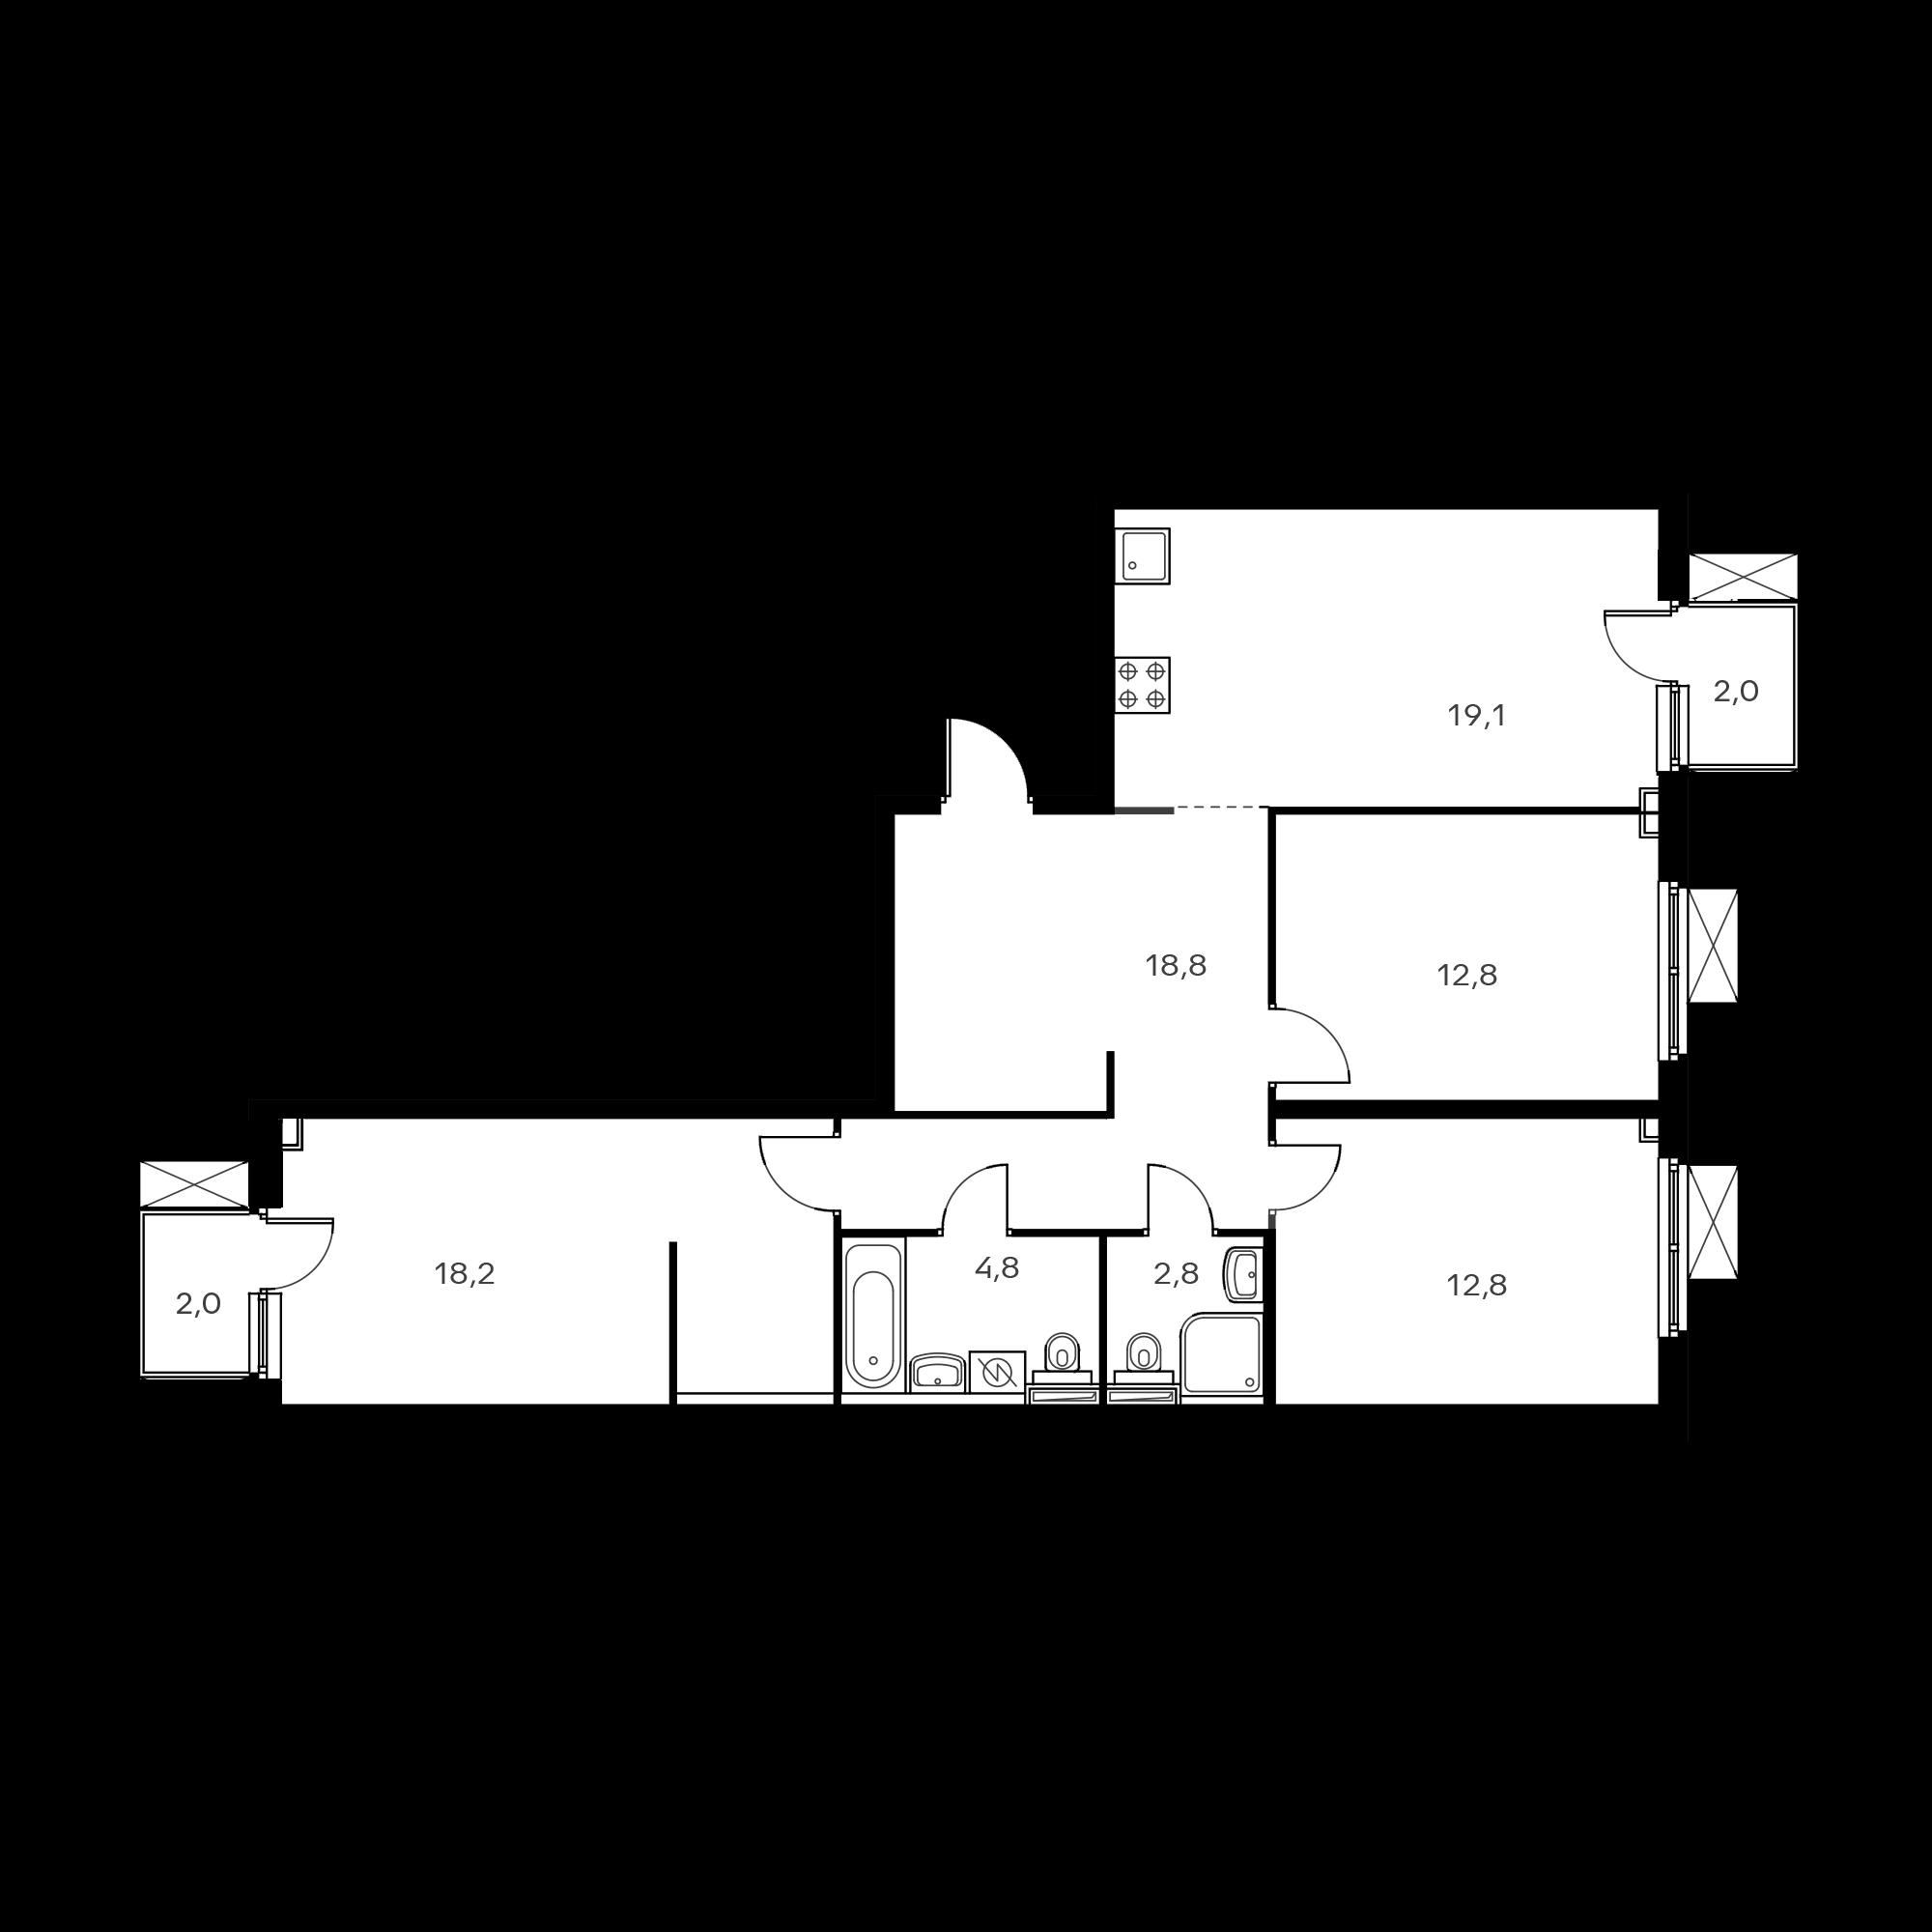 3EL3_9.9-1_B(K-2,0)/B(R1-2,0)